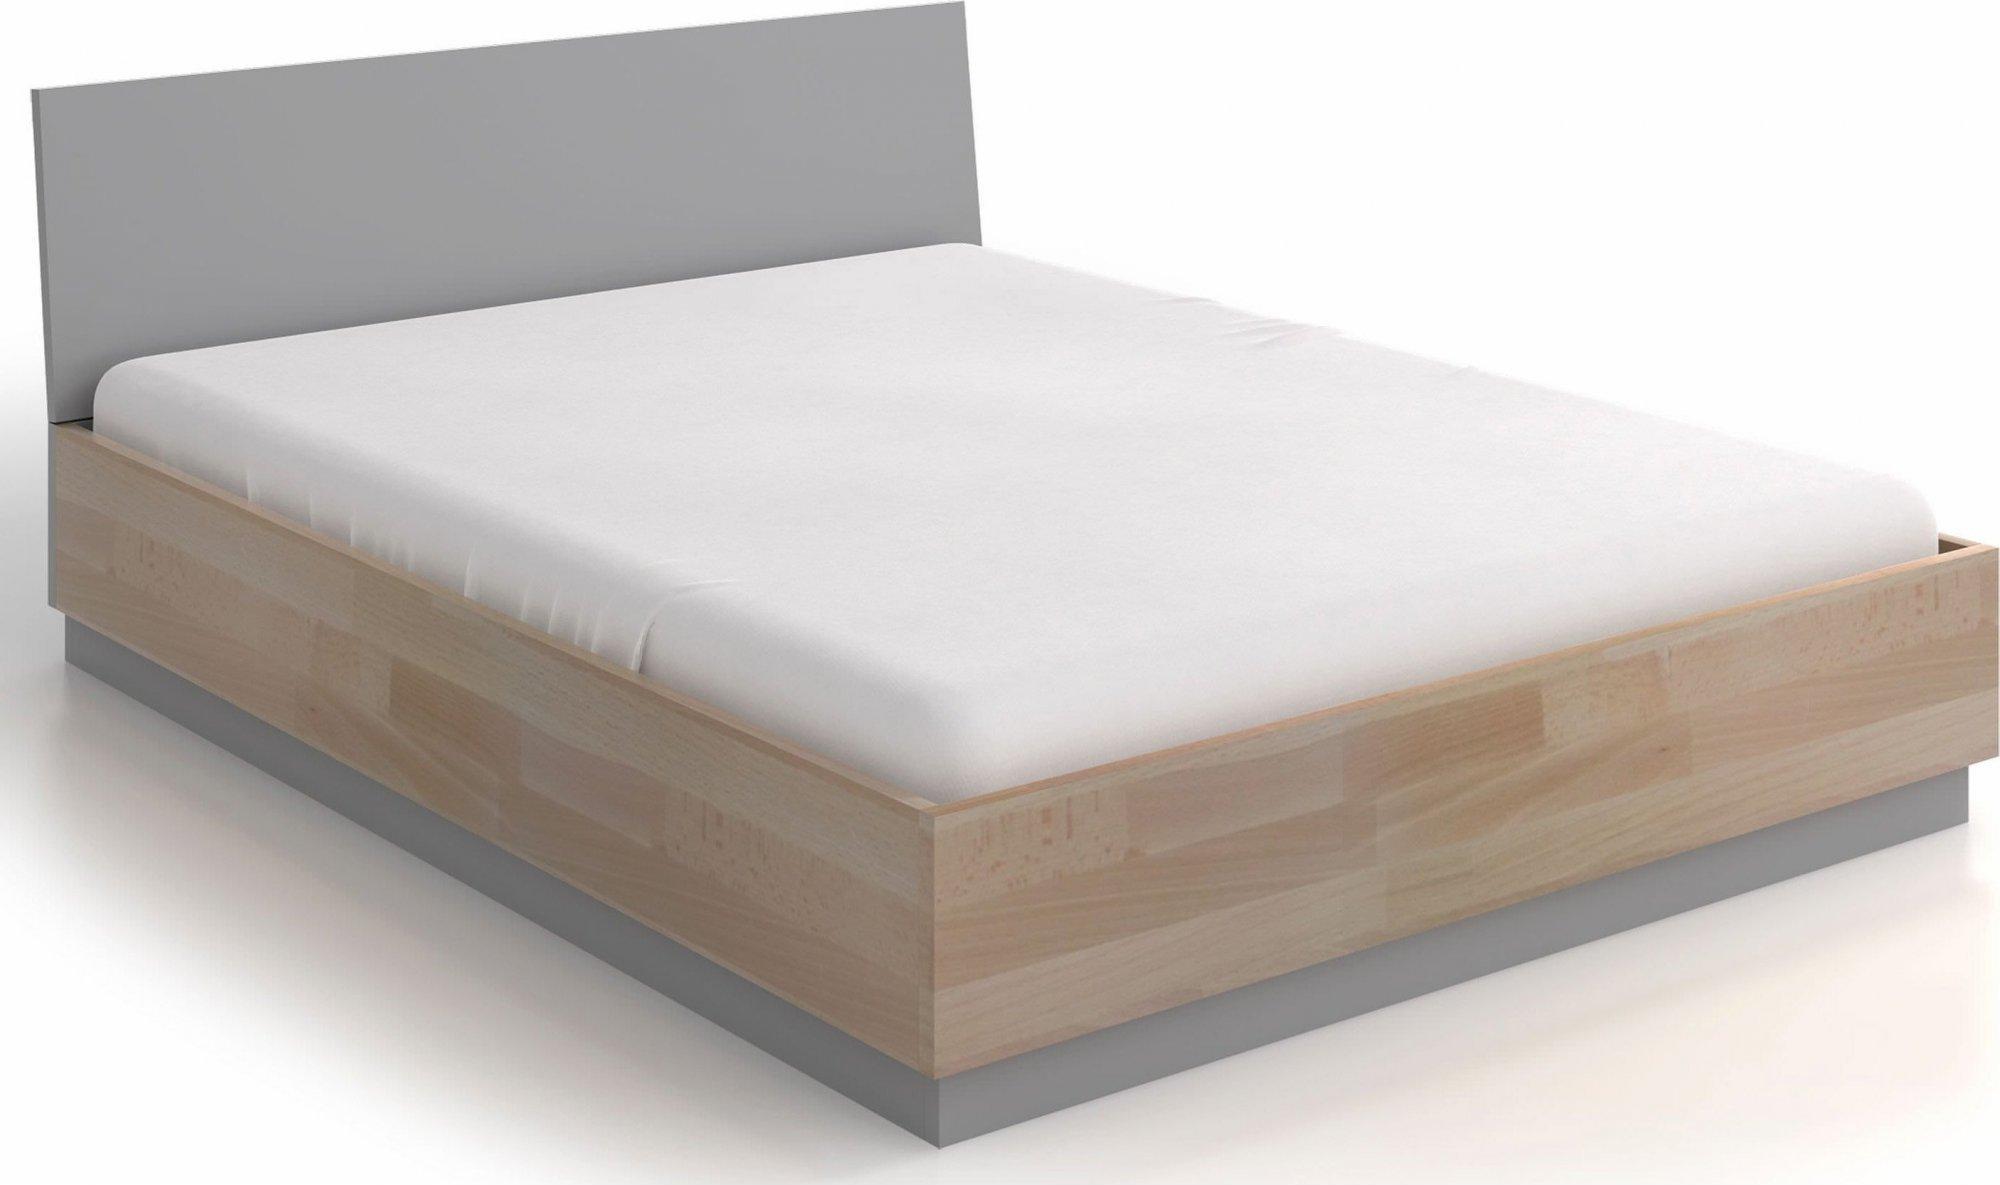 Lit avec tête de lit et sommier bois massif clair 140x200cm